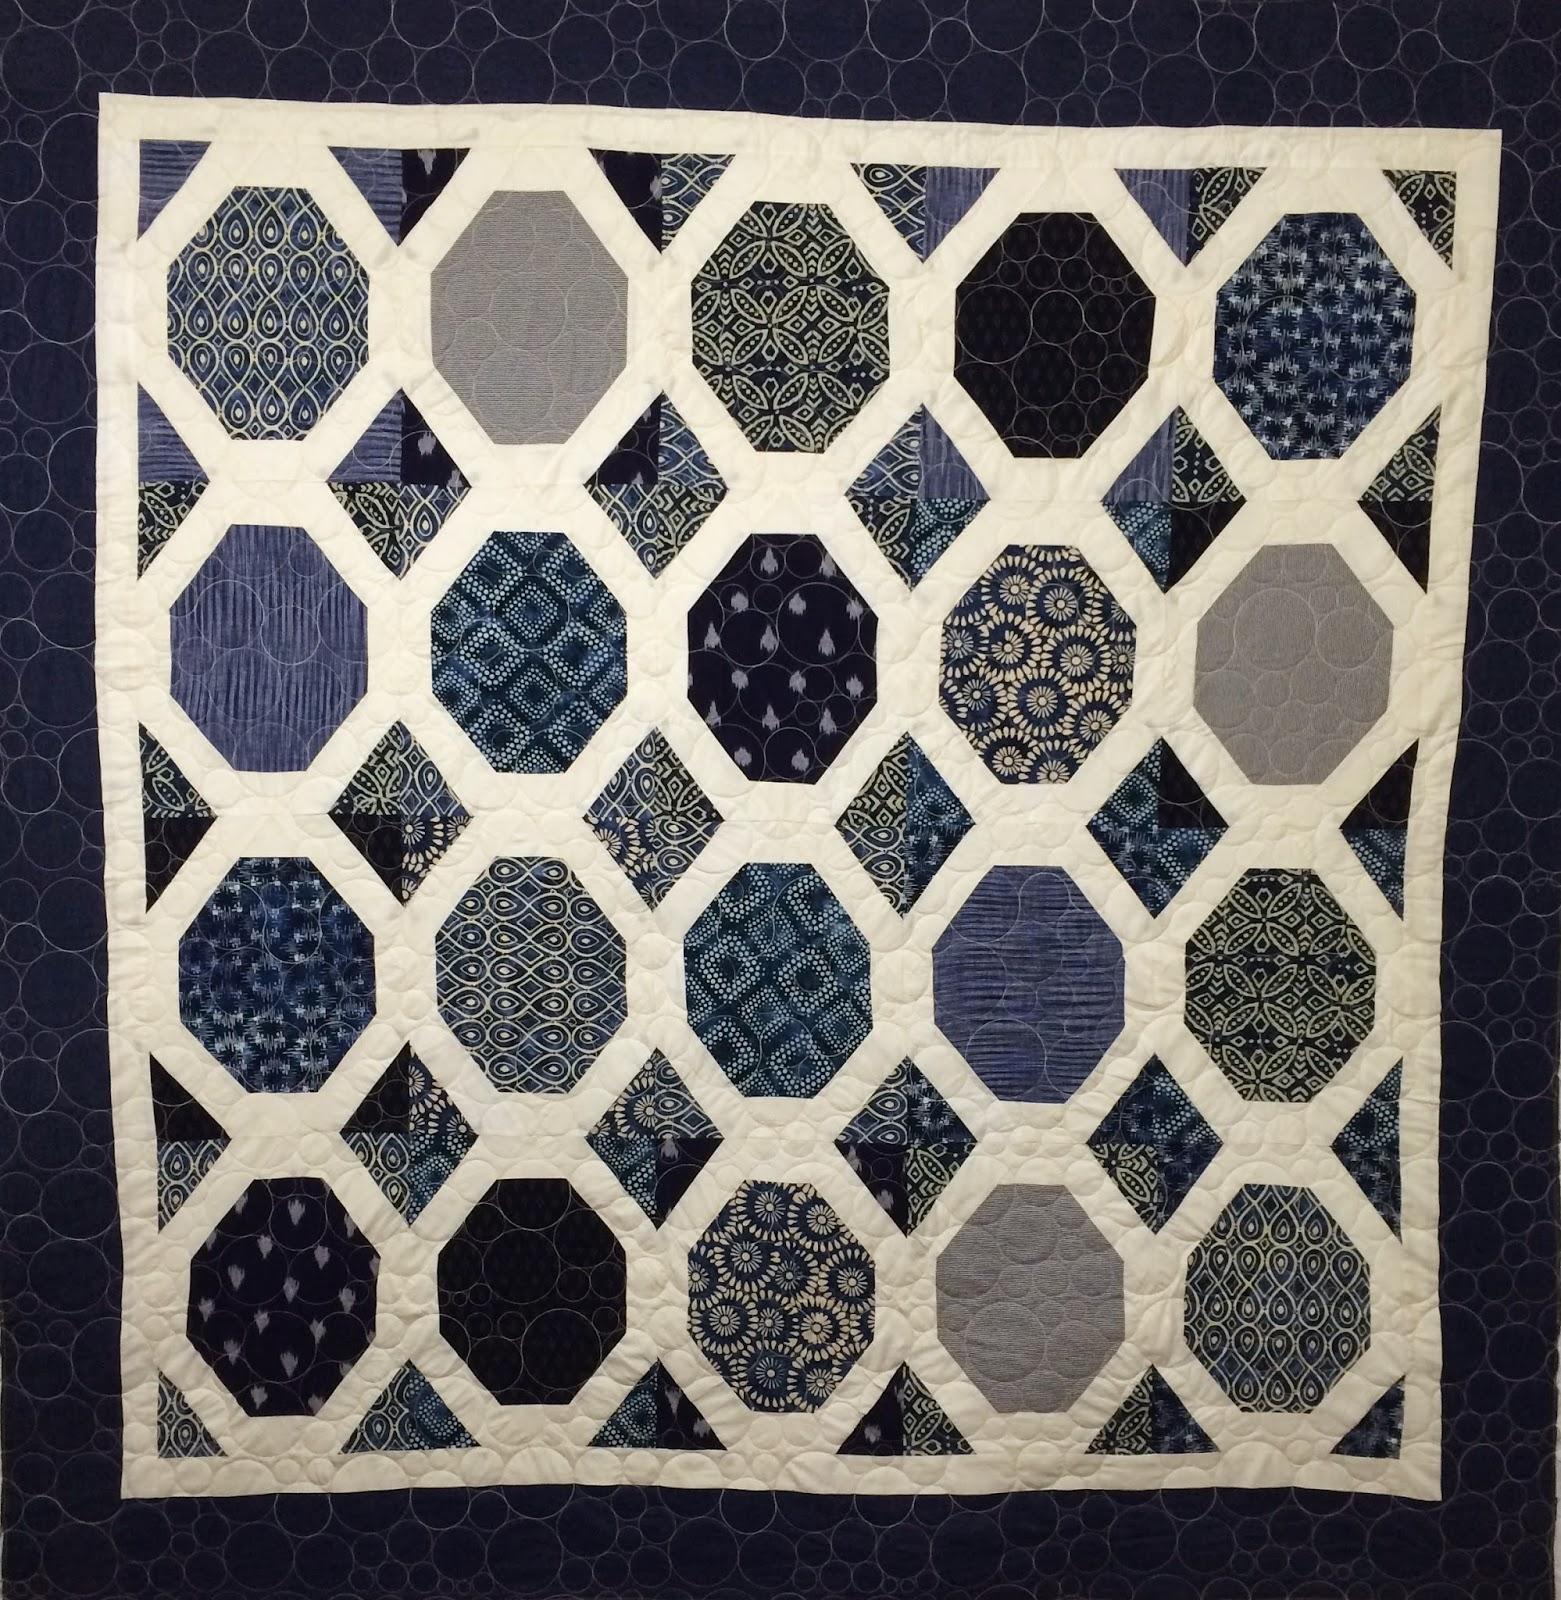 Debra Dennett's Hexagons on Point Quilt